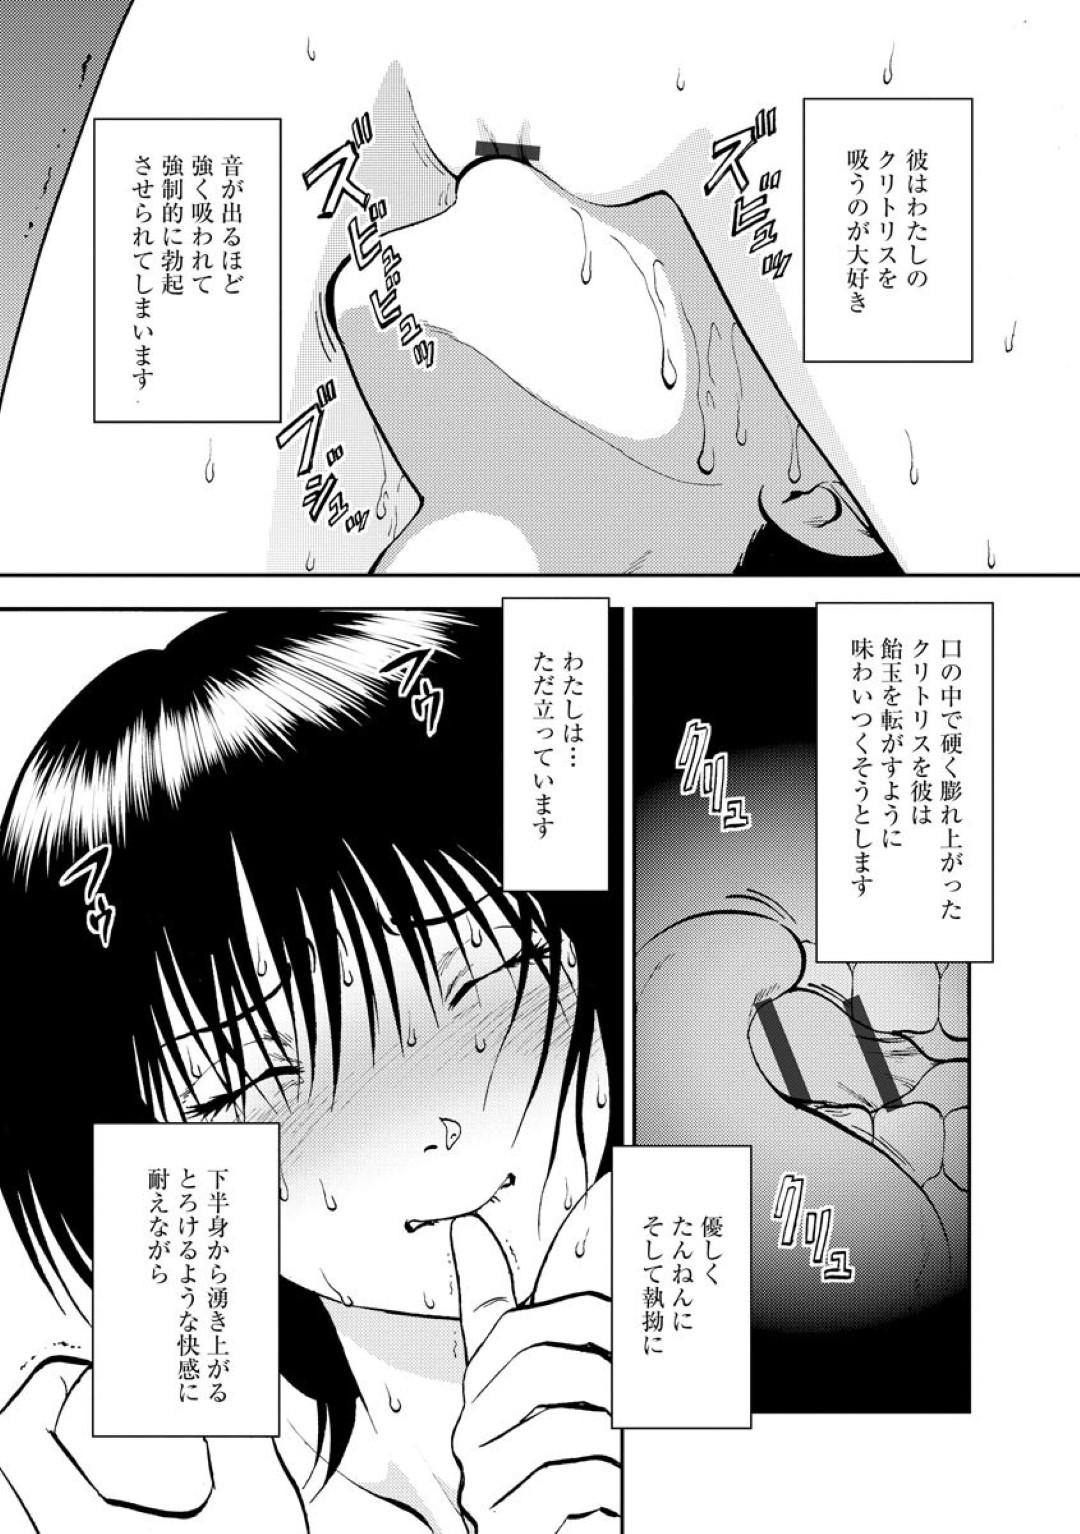 【エロ漫画】彼氏に溺愛されているちっパイ彼女…放課後になると彼氏のアパートへ行きクリトリスを吸われるのが日課。してもらうよりもすることの方が好きな彼氏と快感に耐え続ける彼女。挿入時にもクリを触られ気持ちよすぎて失神!【寄生虫】